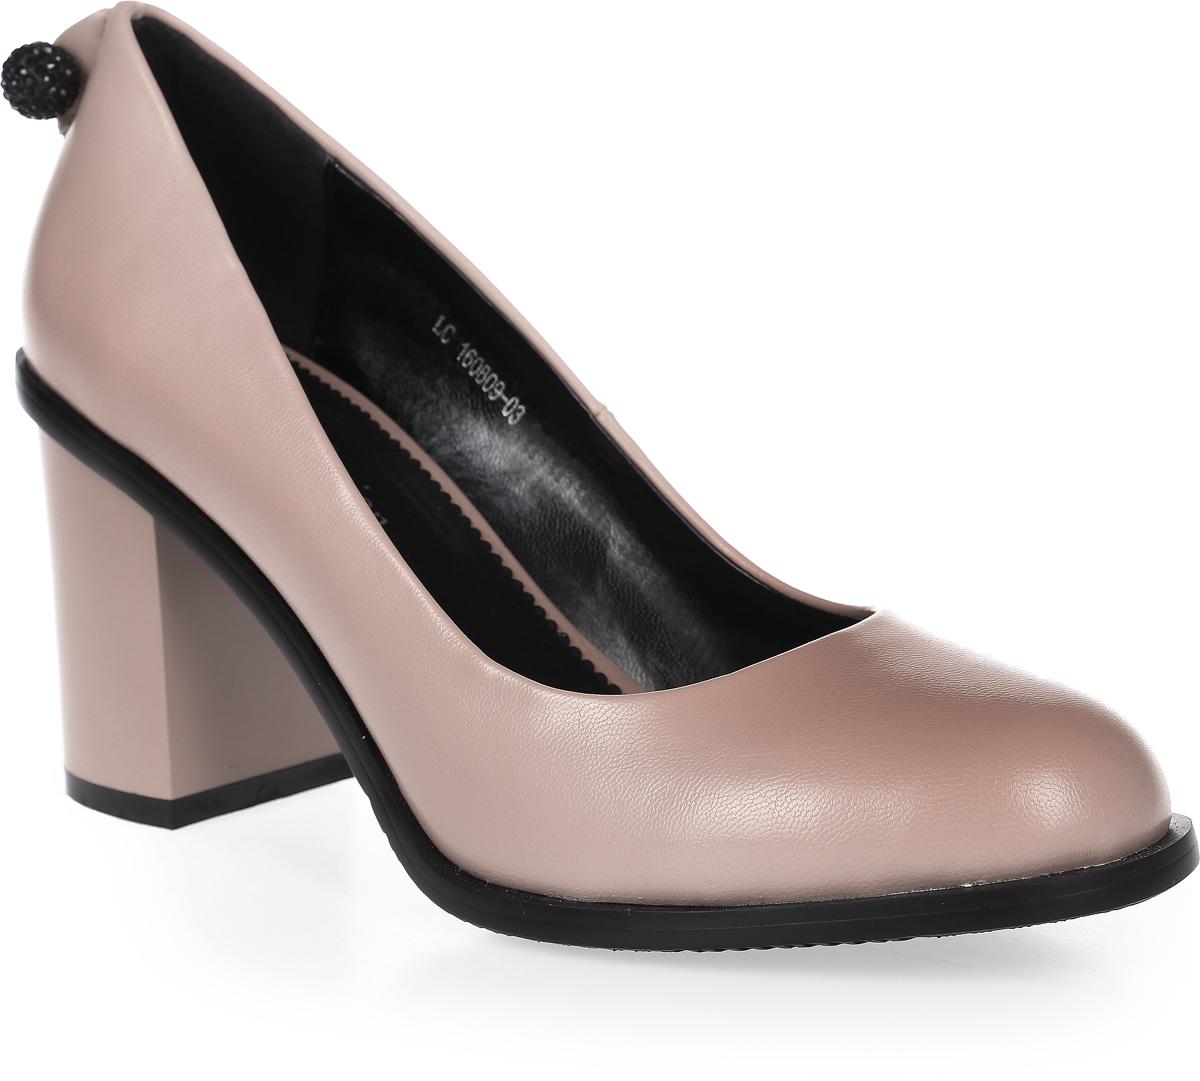 Туфли женские LK collection, цвет: бежевый. LC-160809-03 PU. Размер 36LC-160809-03 PUСтильные туфли на широком устойчивом каблуке выполнены из искусственной кожи. Стелька выполнена из натуральной кожи.